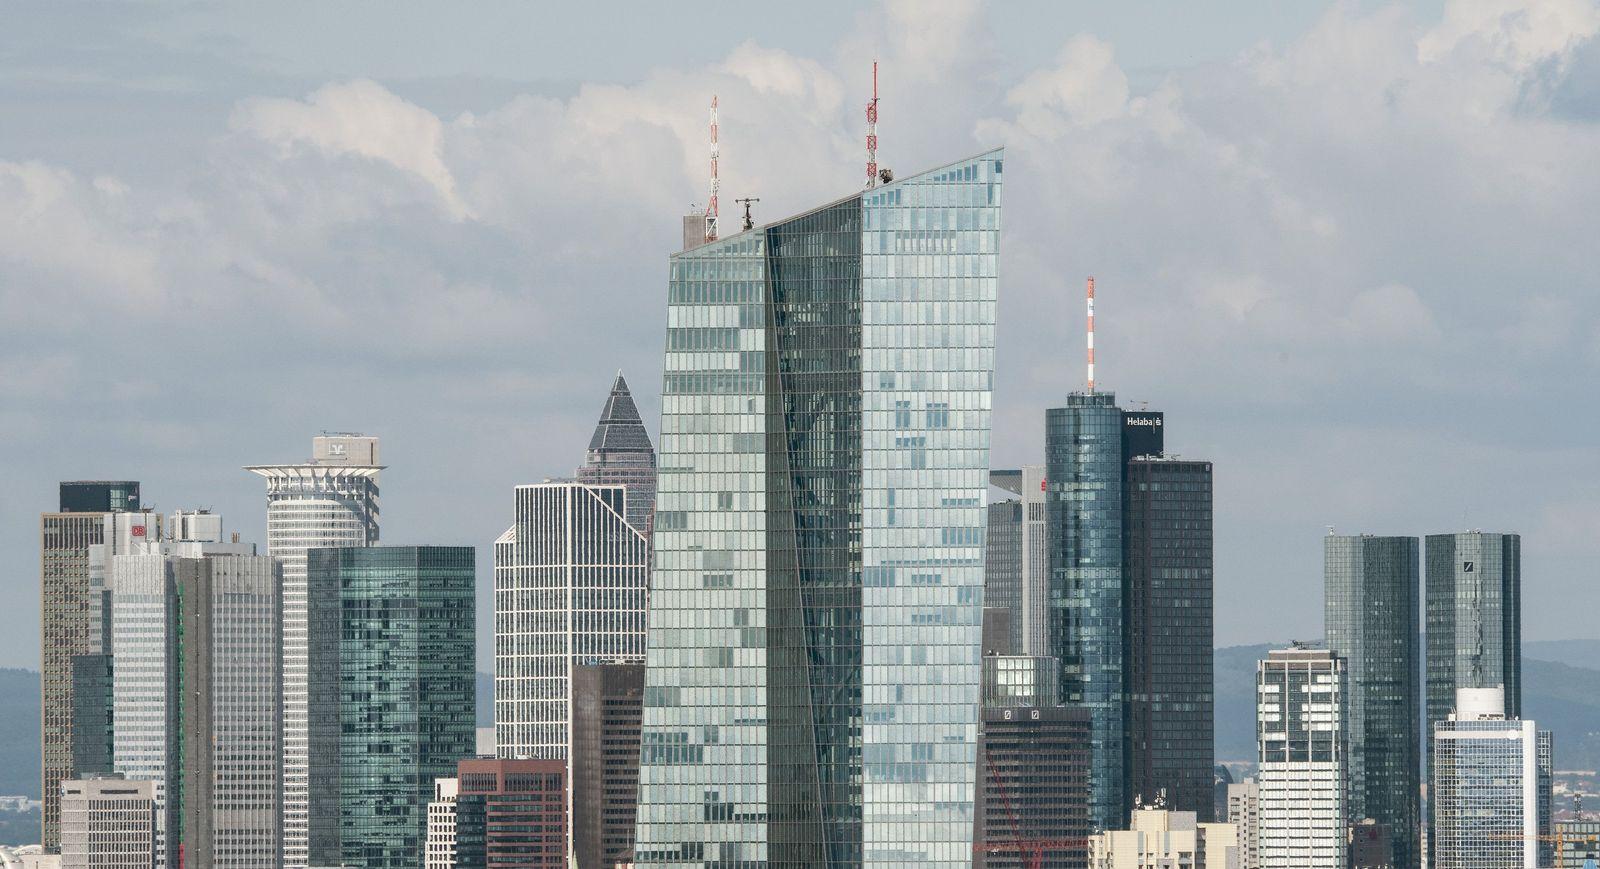 Bankenskyline Franfkfurt mit EZB